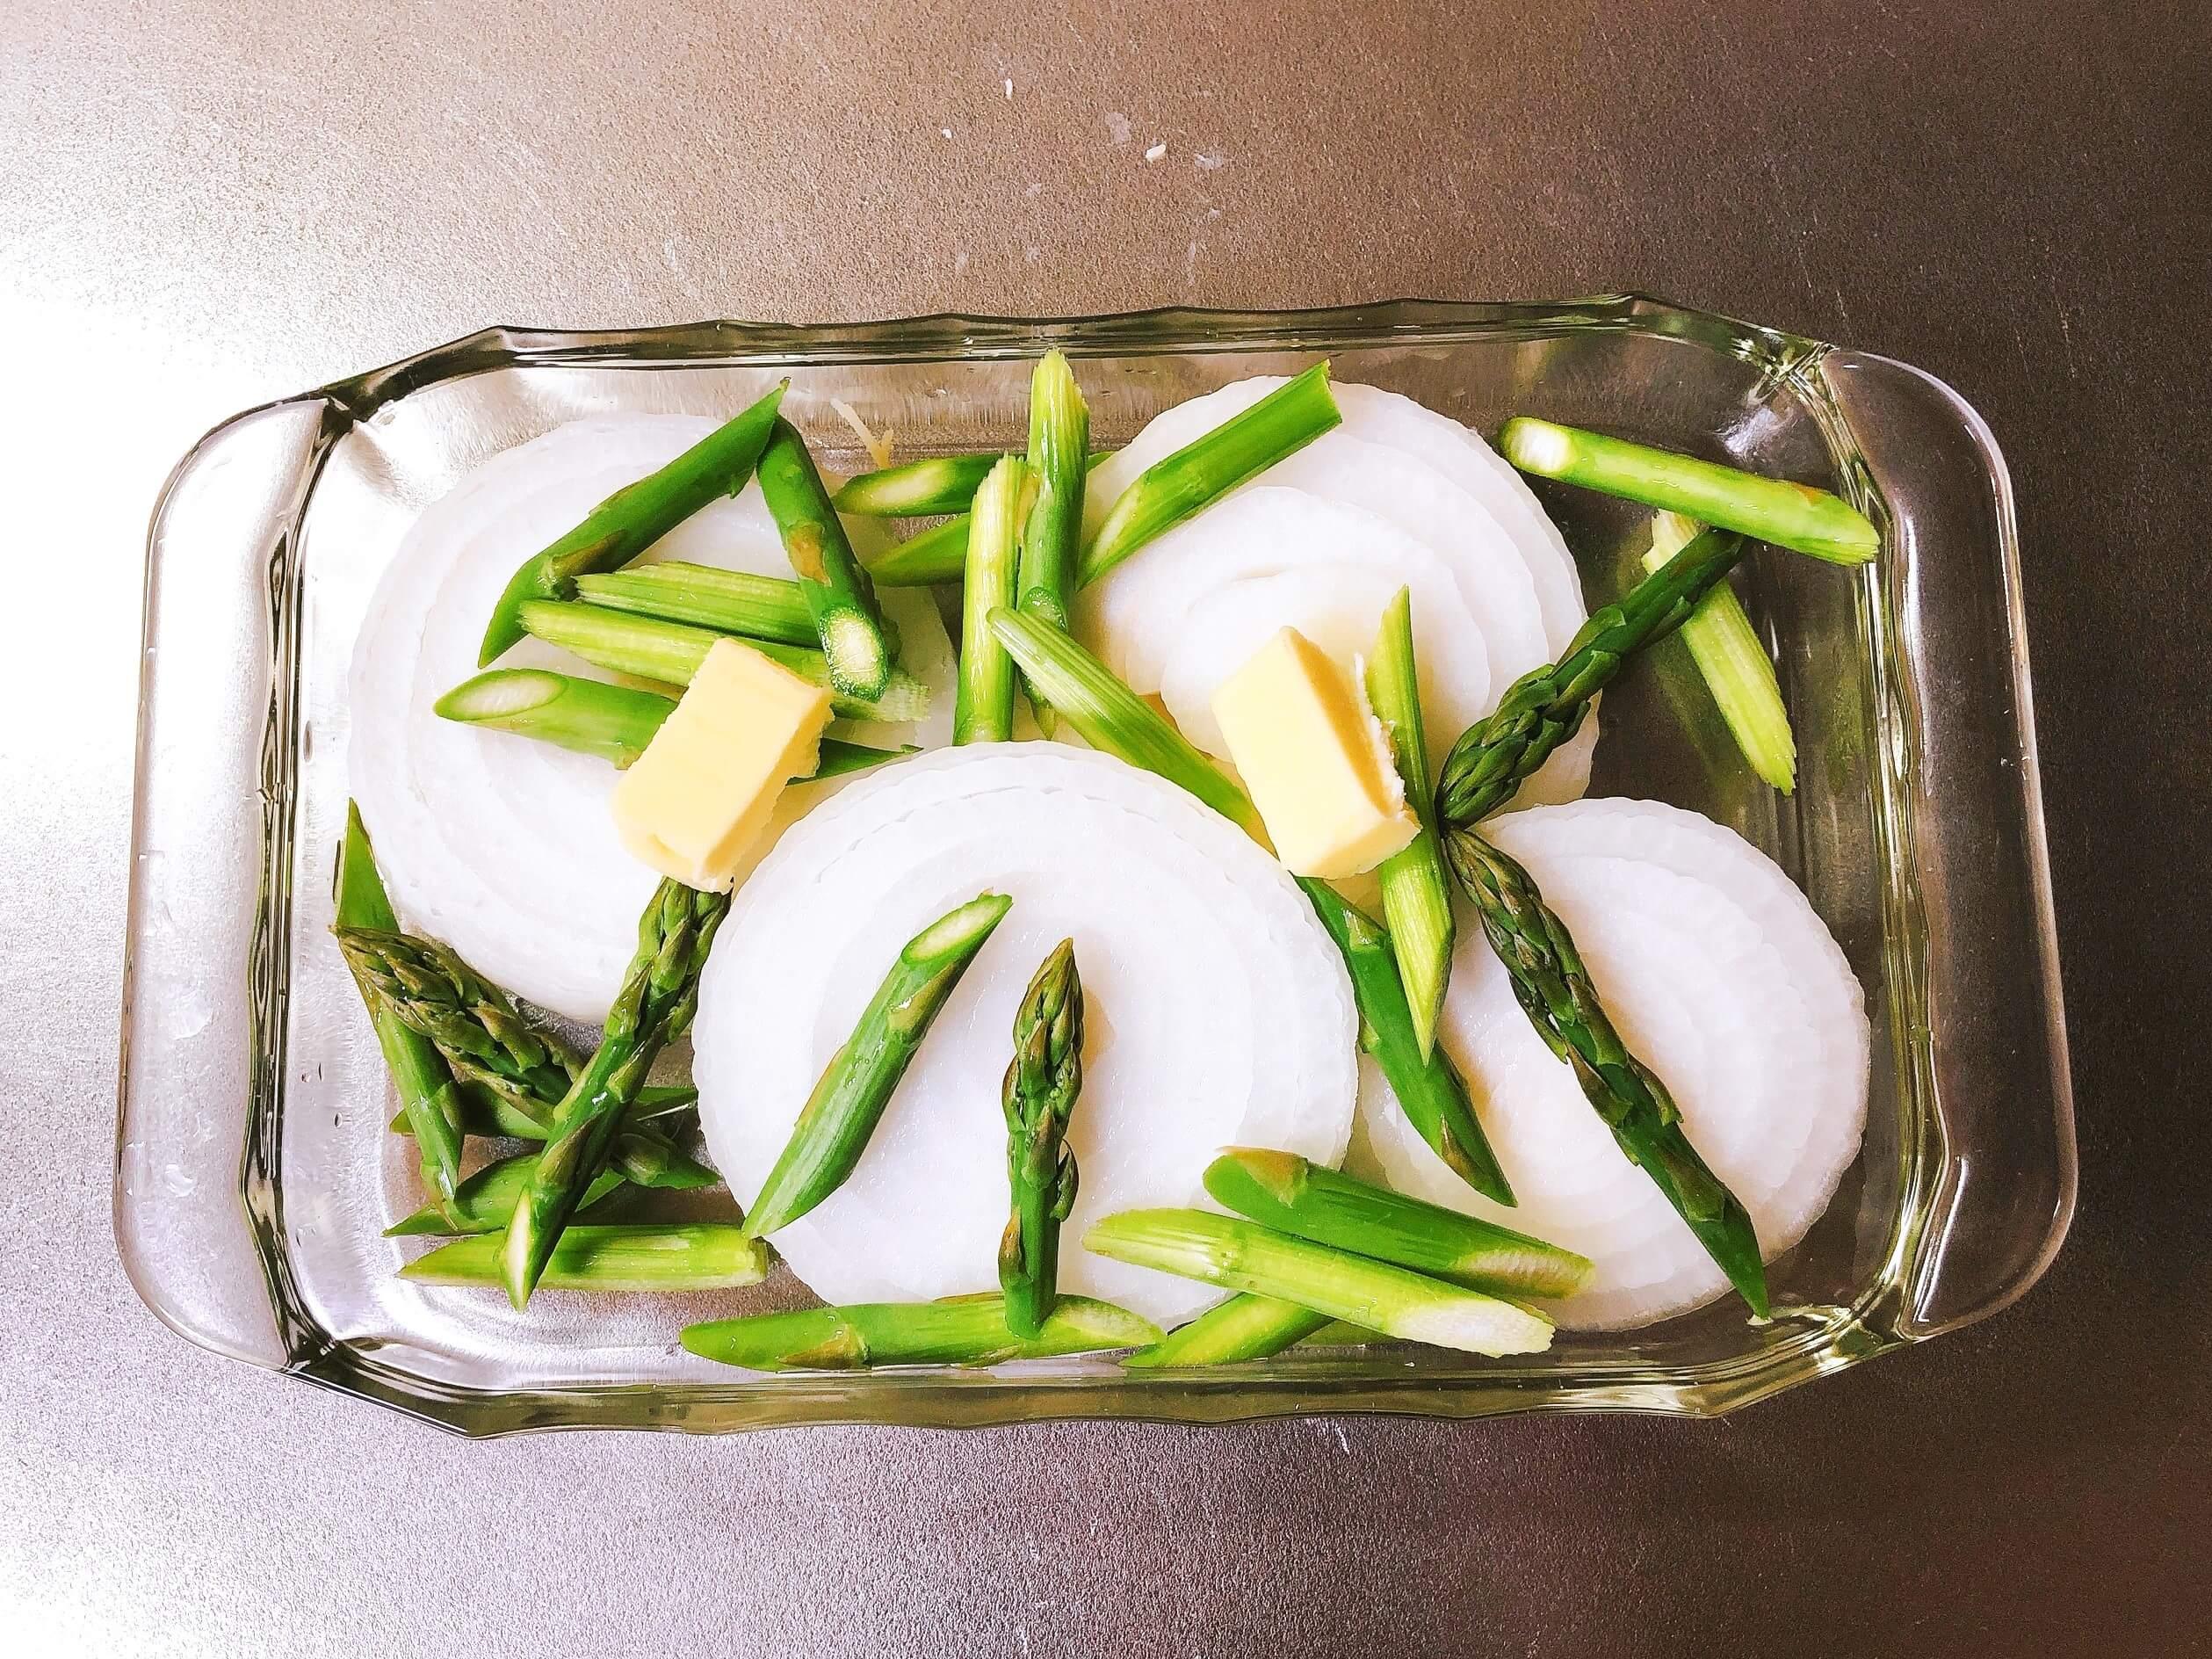 新玉ねぎとアスパラのめんつゆバター、耐熱皿に入れる